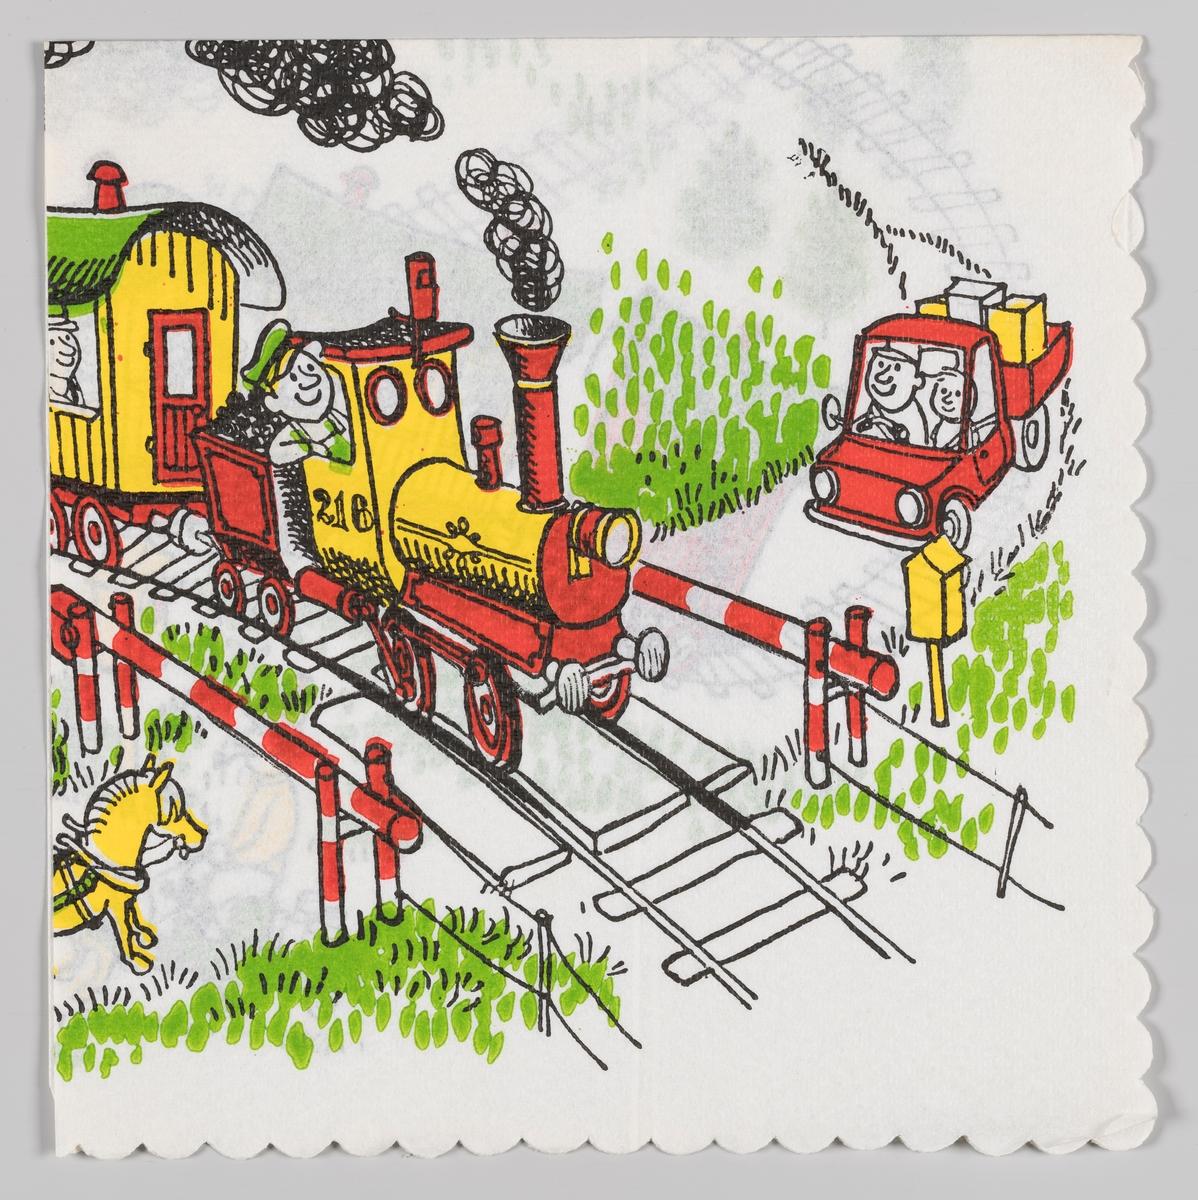 Et tog kjører over en togovergang der bommene er nede på begge sider. En togfører står i førerhuset på toget som er et damplokk. En varebil og en hest står stille ved bommen og venter på at toget passerer.